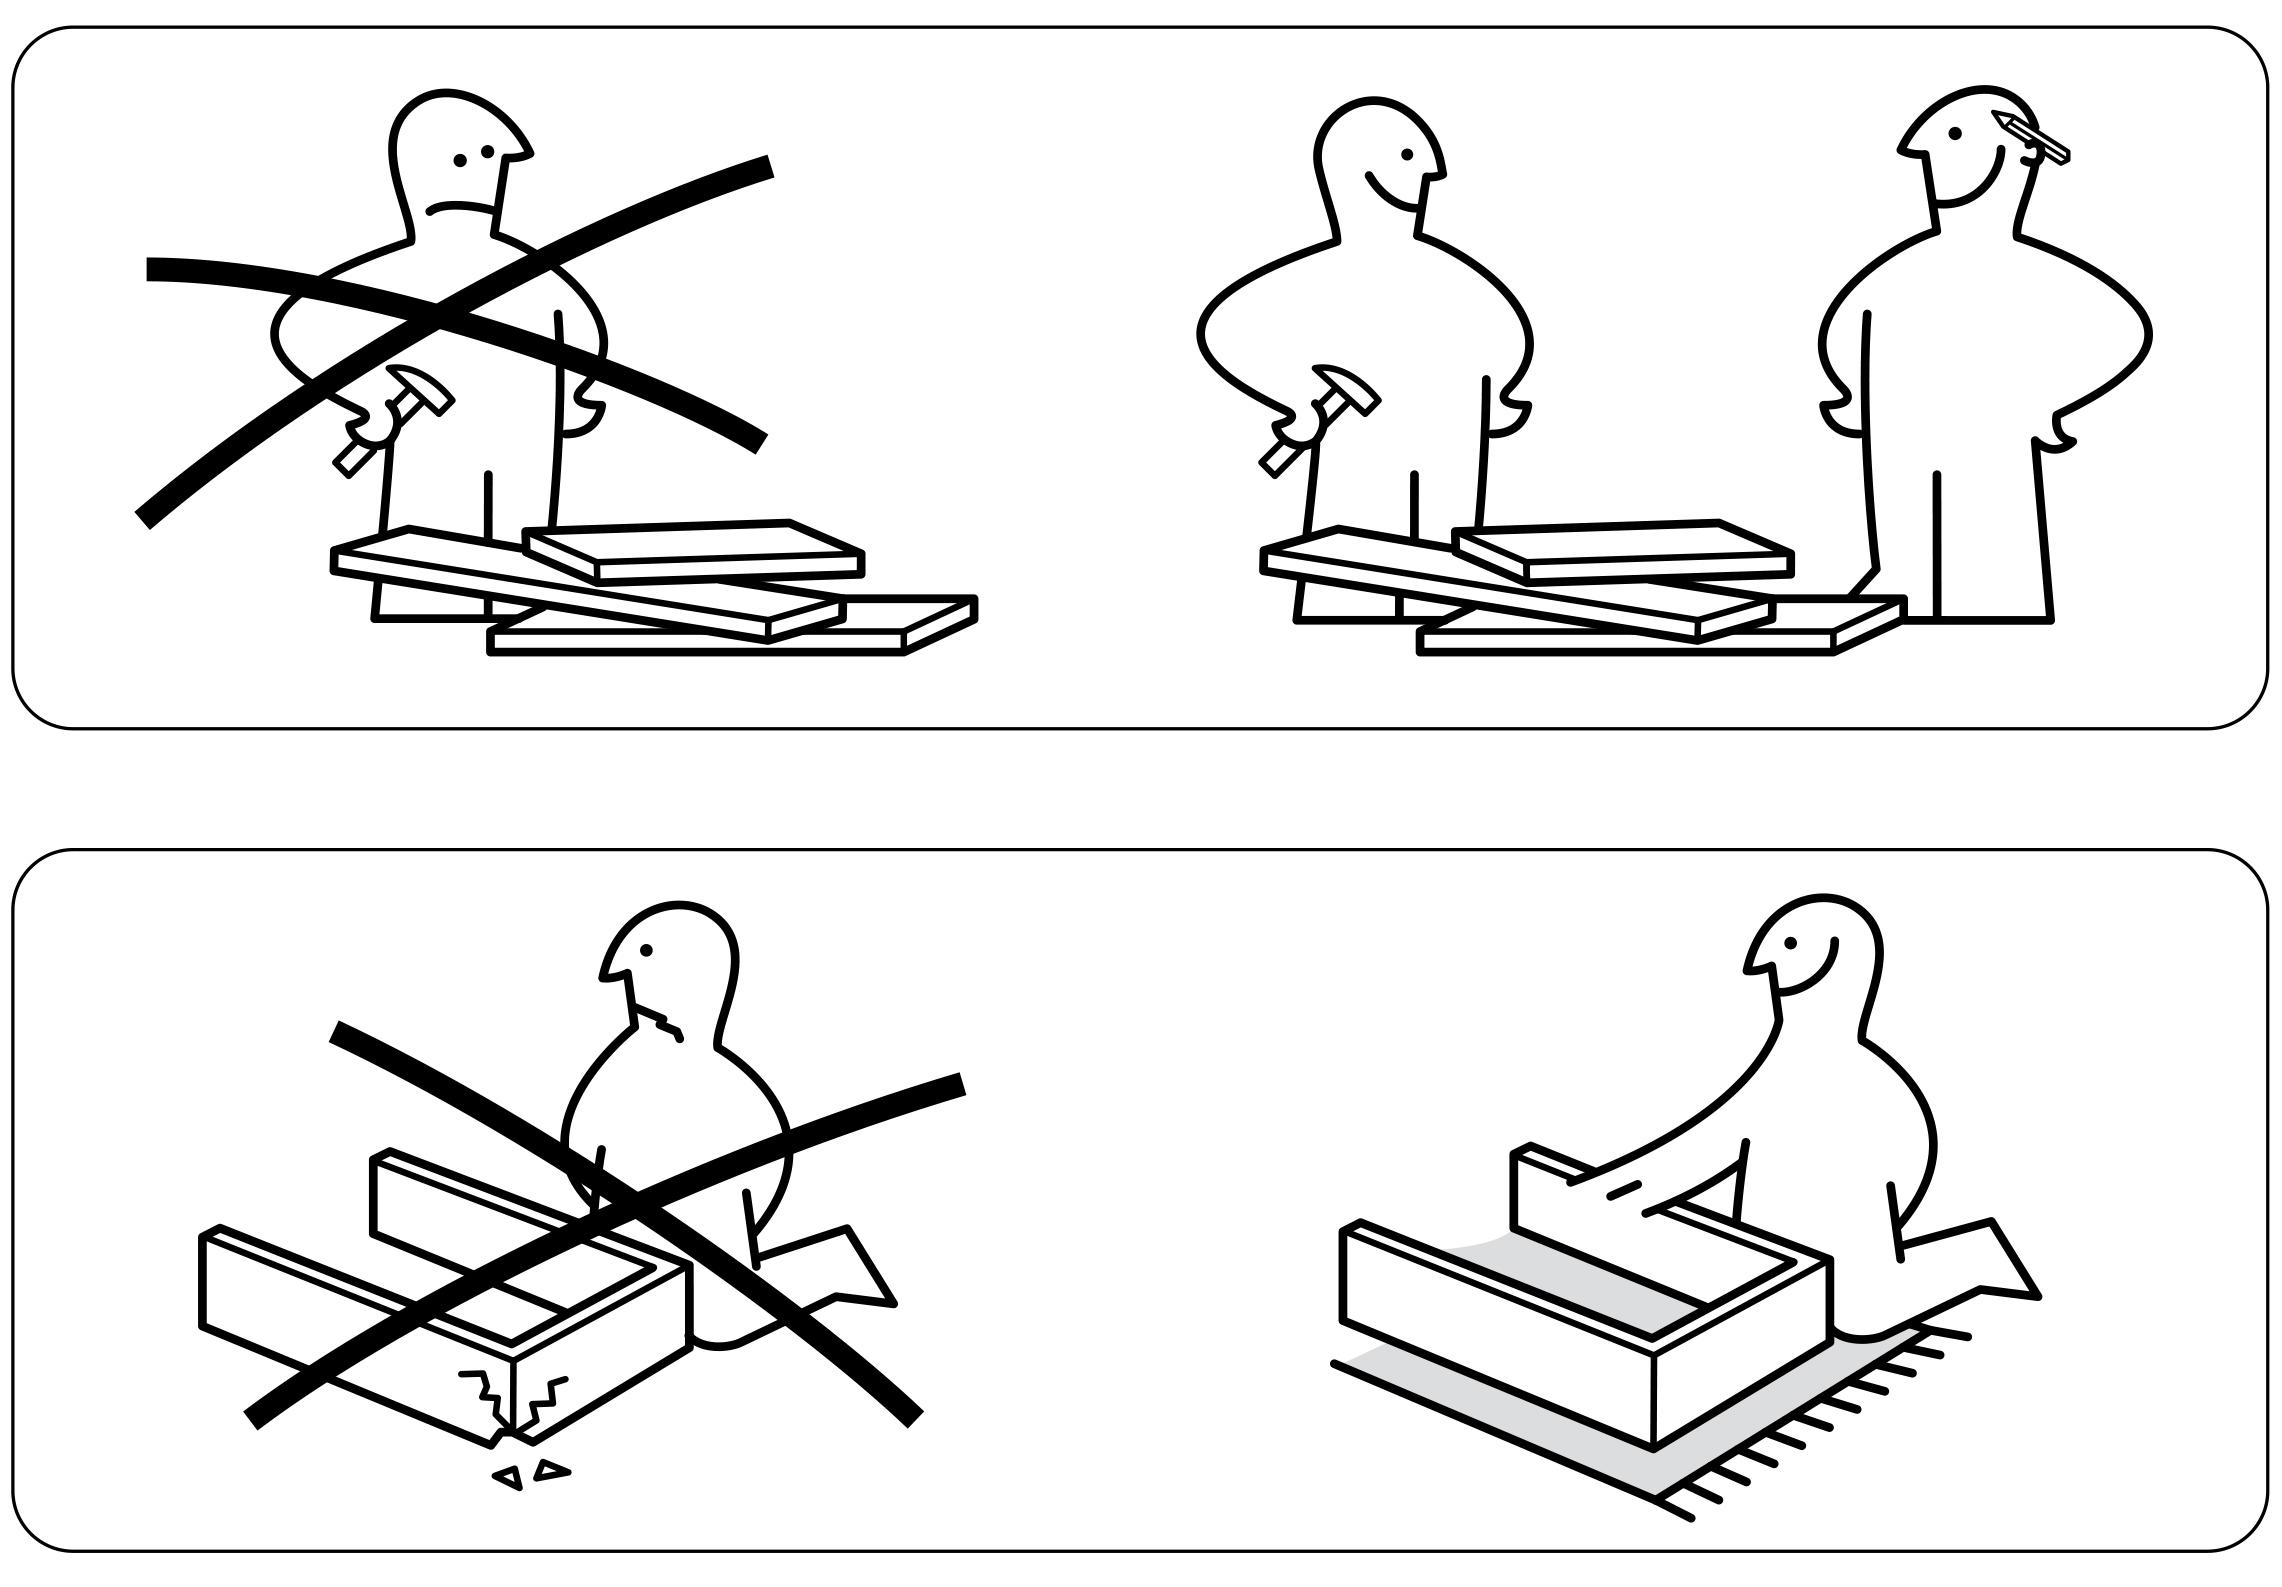 Come sono fatte le istruzioni ikea il post - Ikea montaggio mobili ...